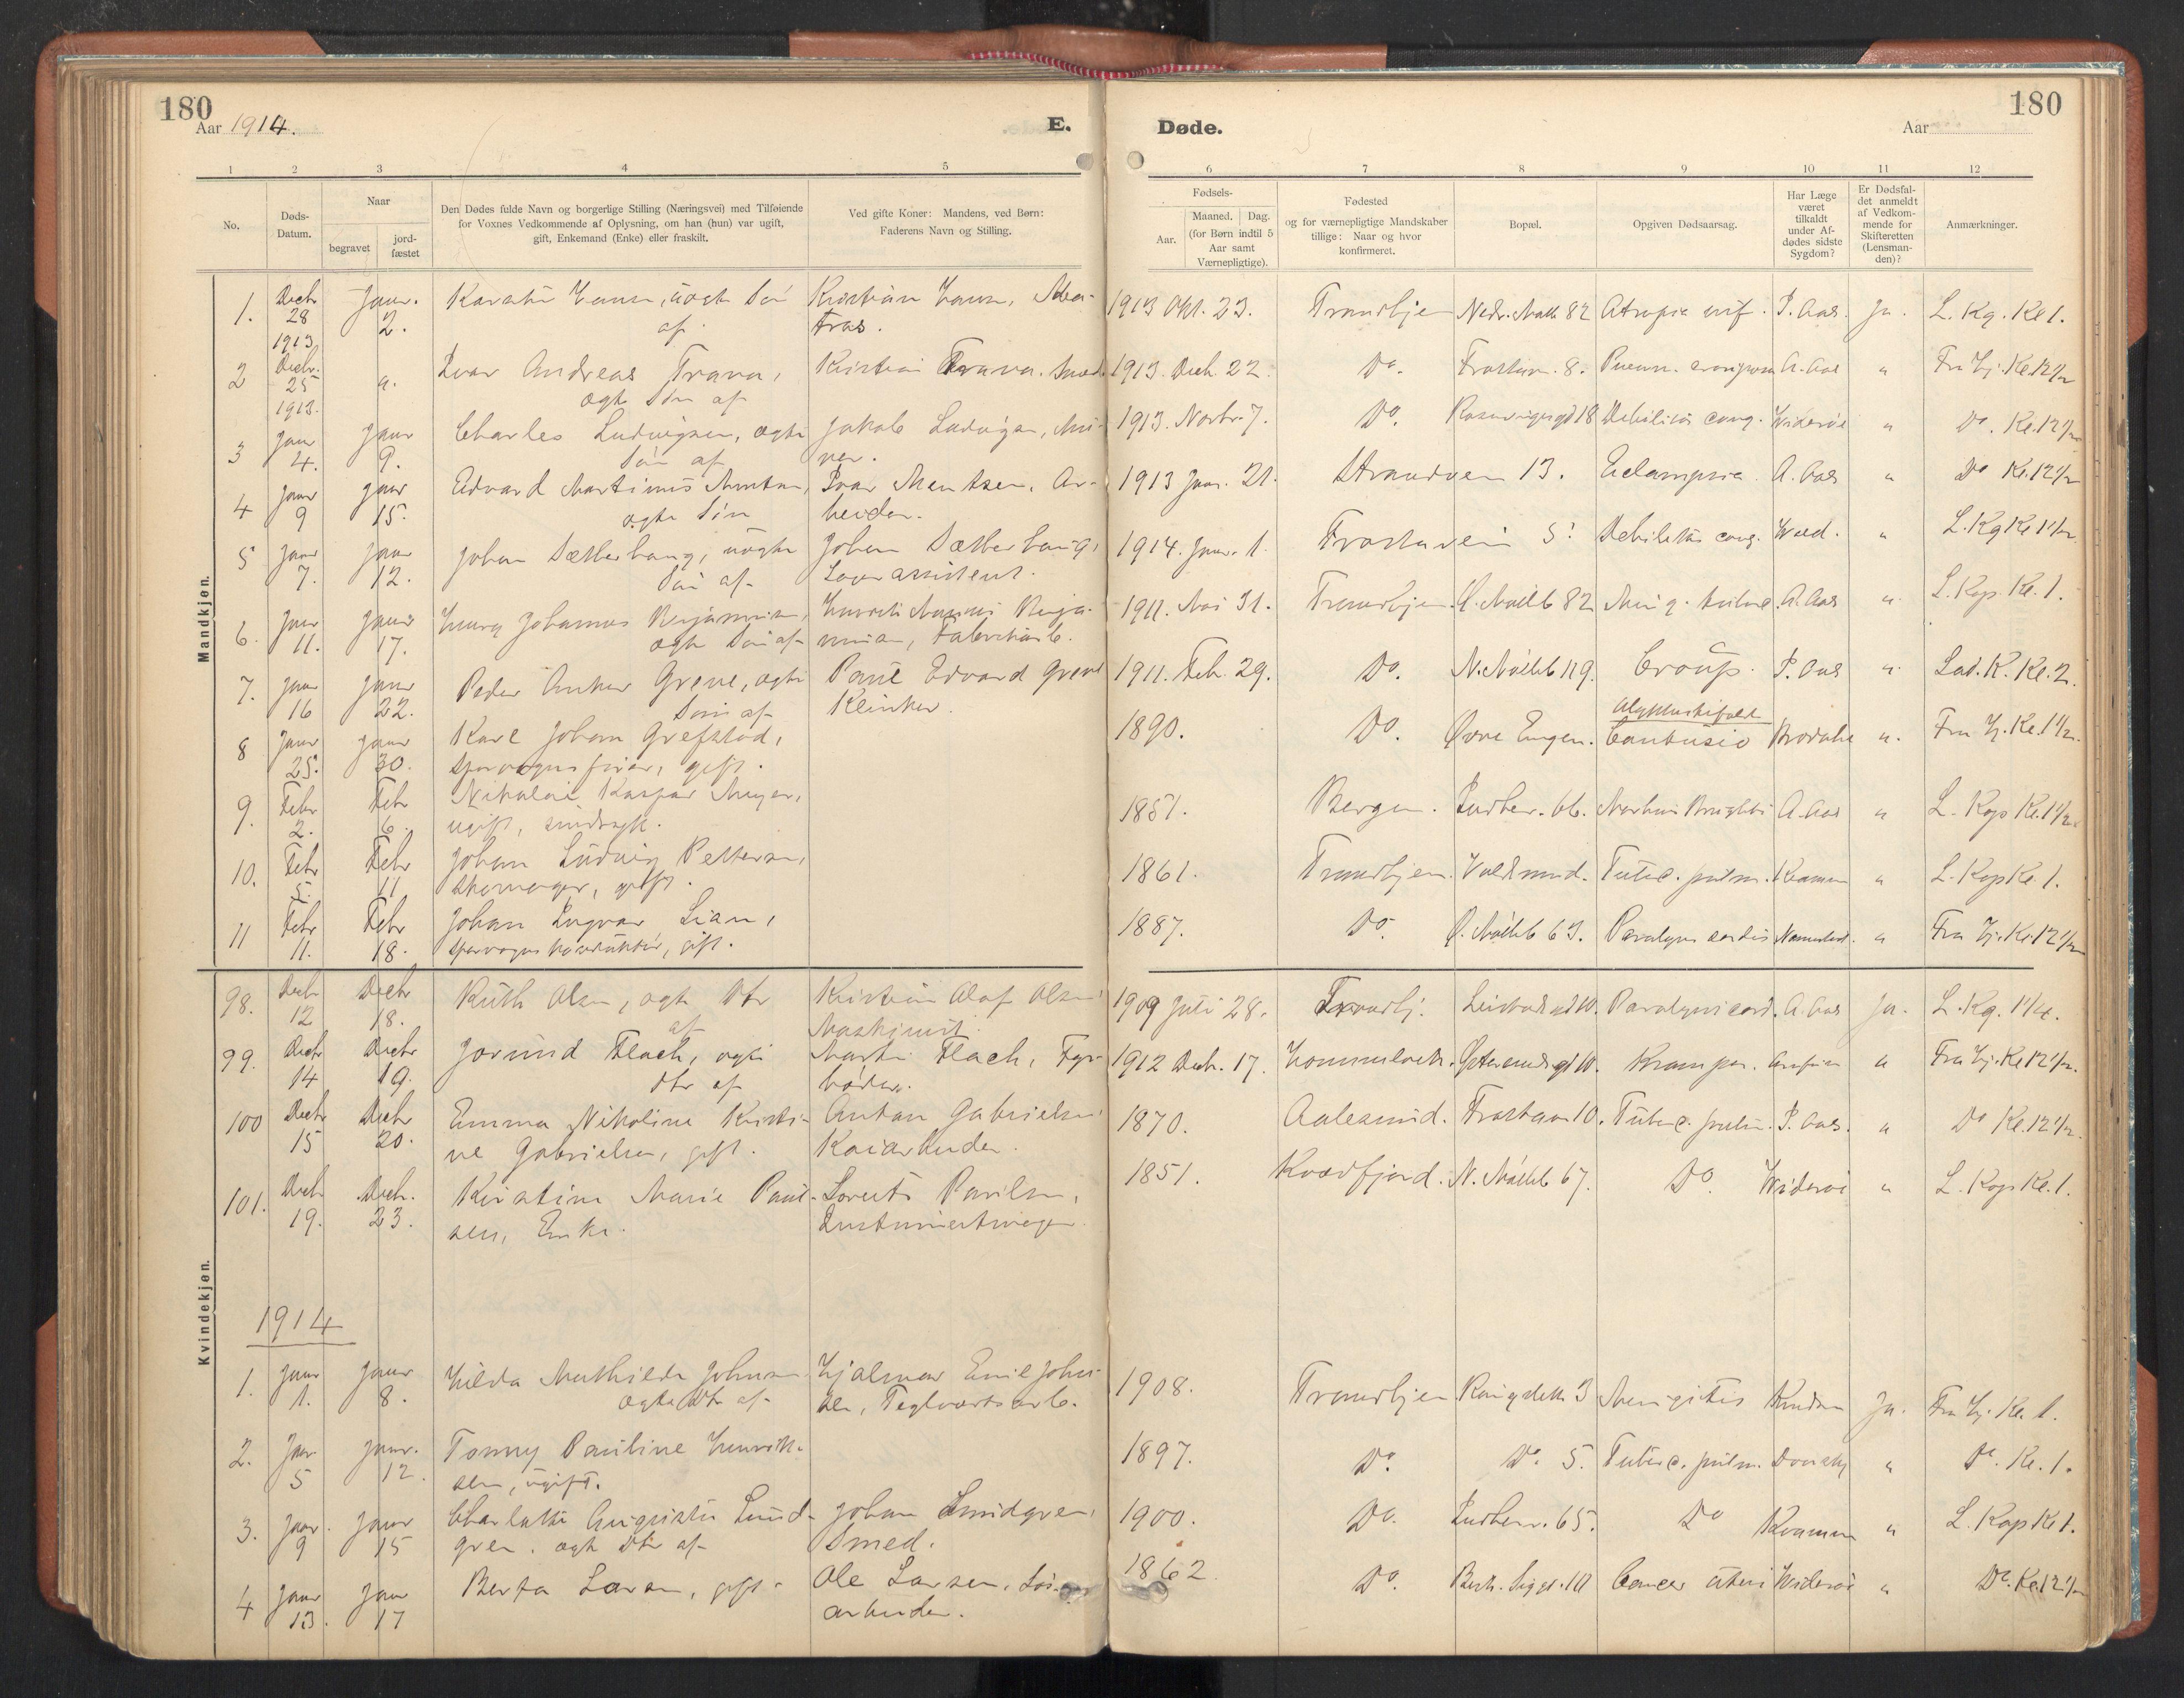 SAT, Ministerialprotokoller, klokkerbøker og fødselsregistre - Sør-Trøndelag, 605/L0244: Ministerialbok nr. 605A06, 1908-1954, s. 180